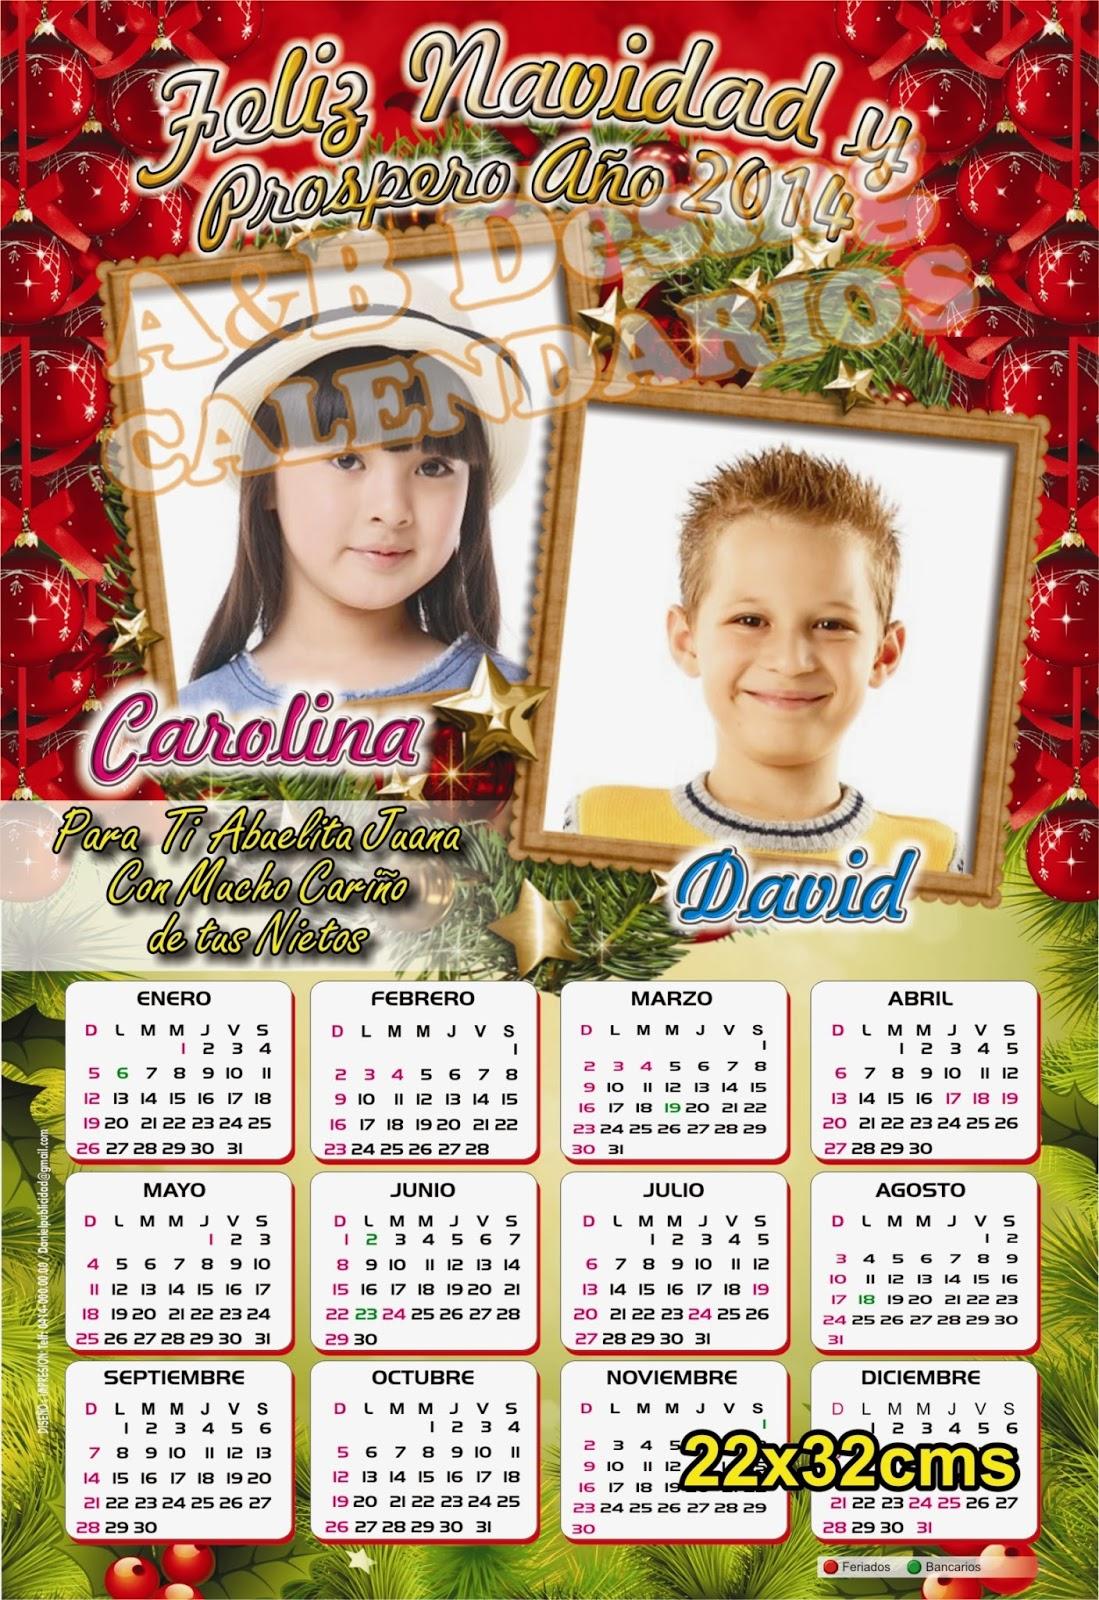 Calendarios personalizados calendarios navide os - Calendarios navidenos personalizados ...